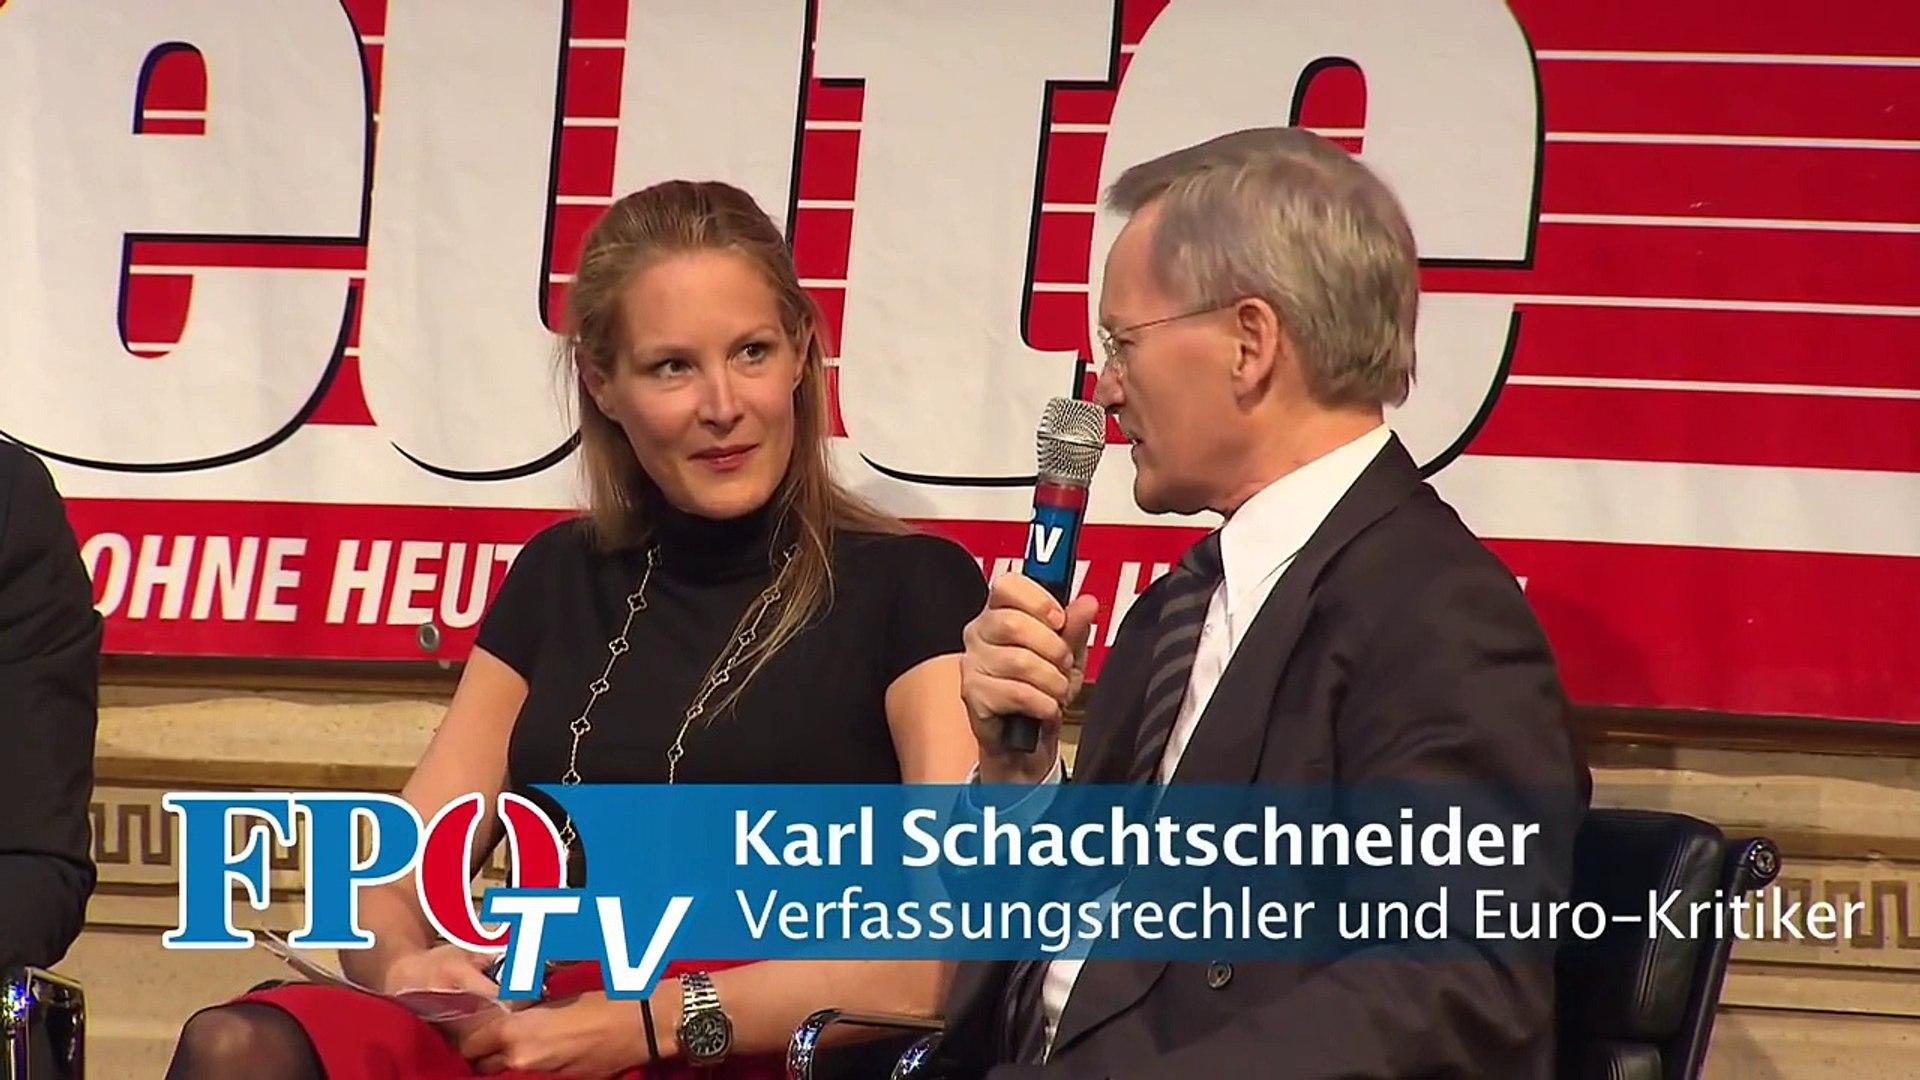 Prof. Schachtschneider: